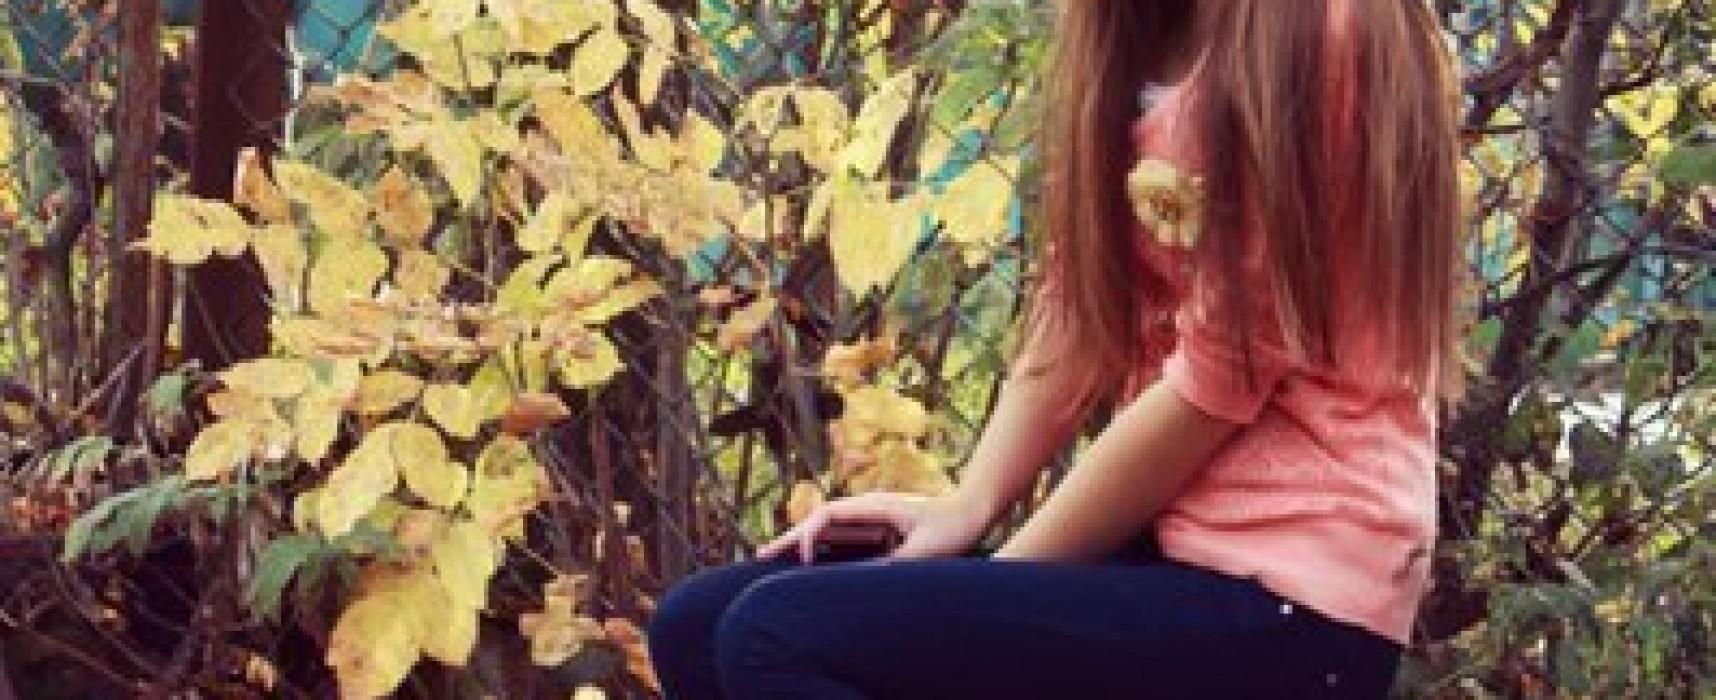 Живую девушку из Краснодара объявили героиней, «погибшей под танком в Лисичанске»